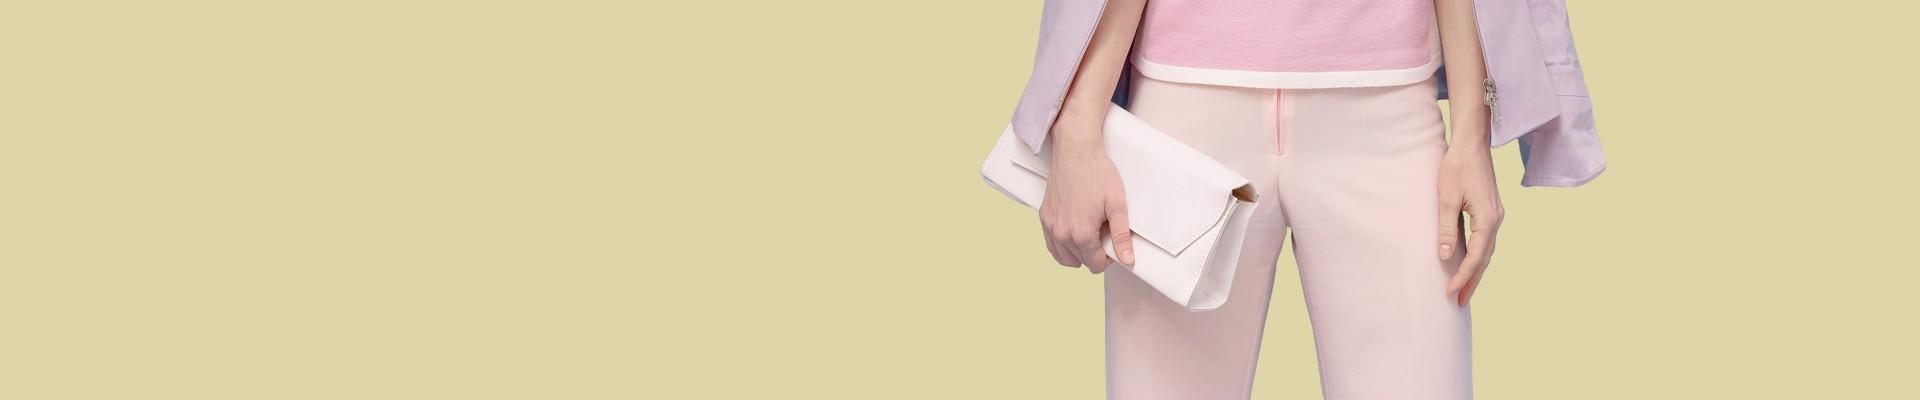 Clutch Wanita Bag Wanita - Jual Tas Clutch Wanita Online